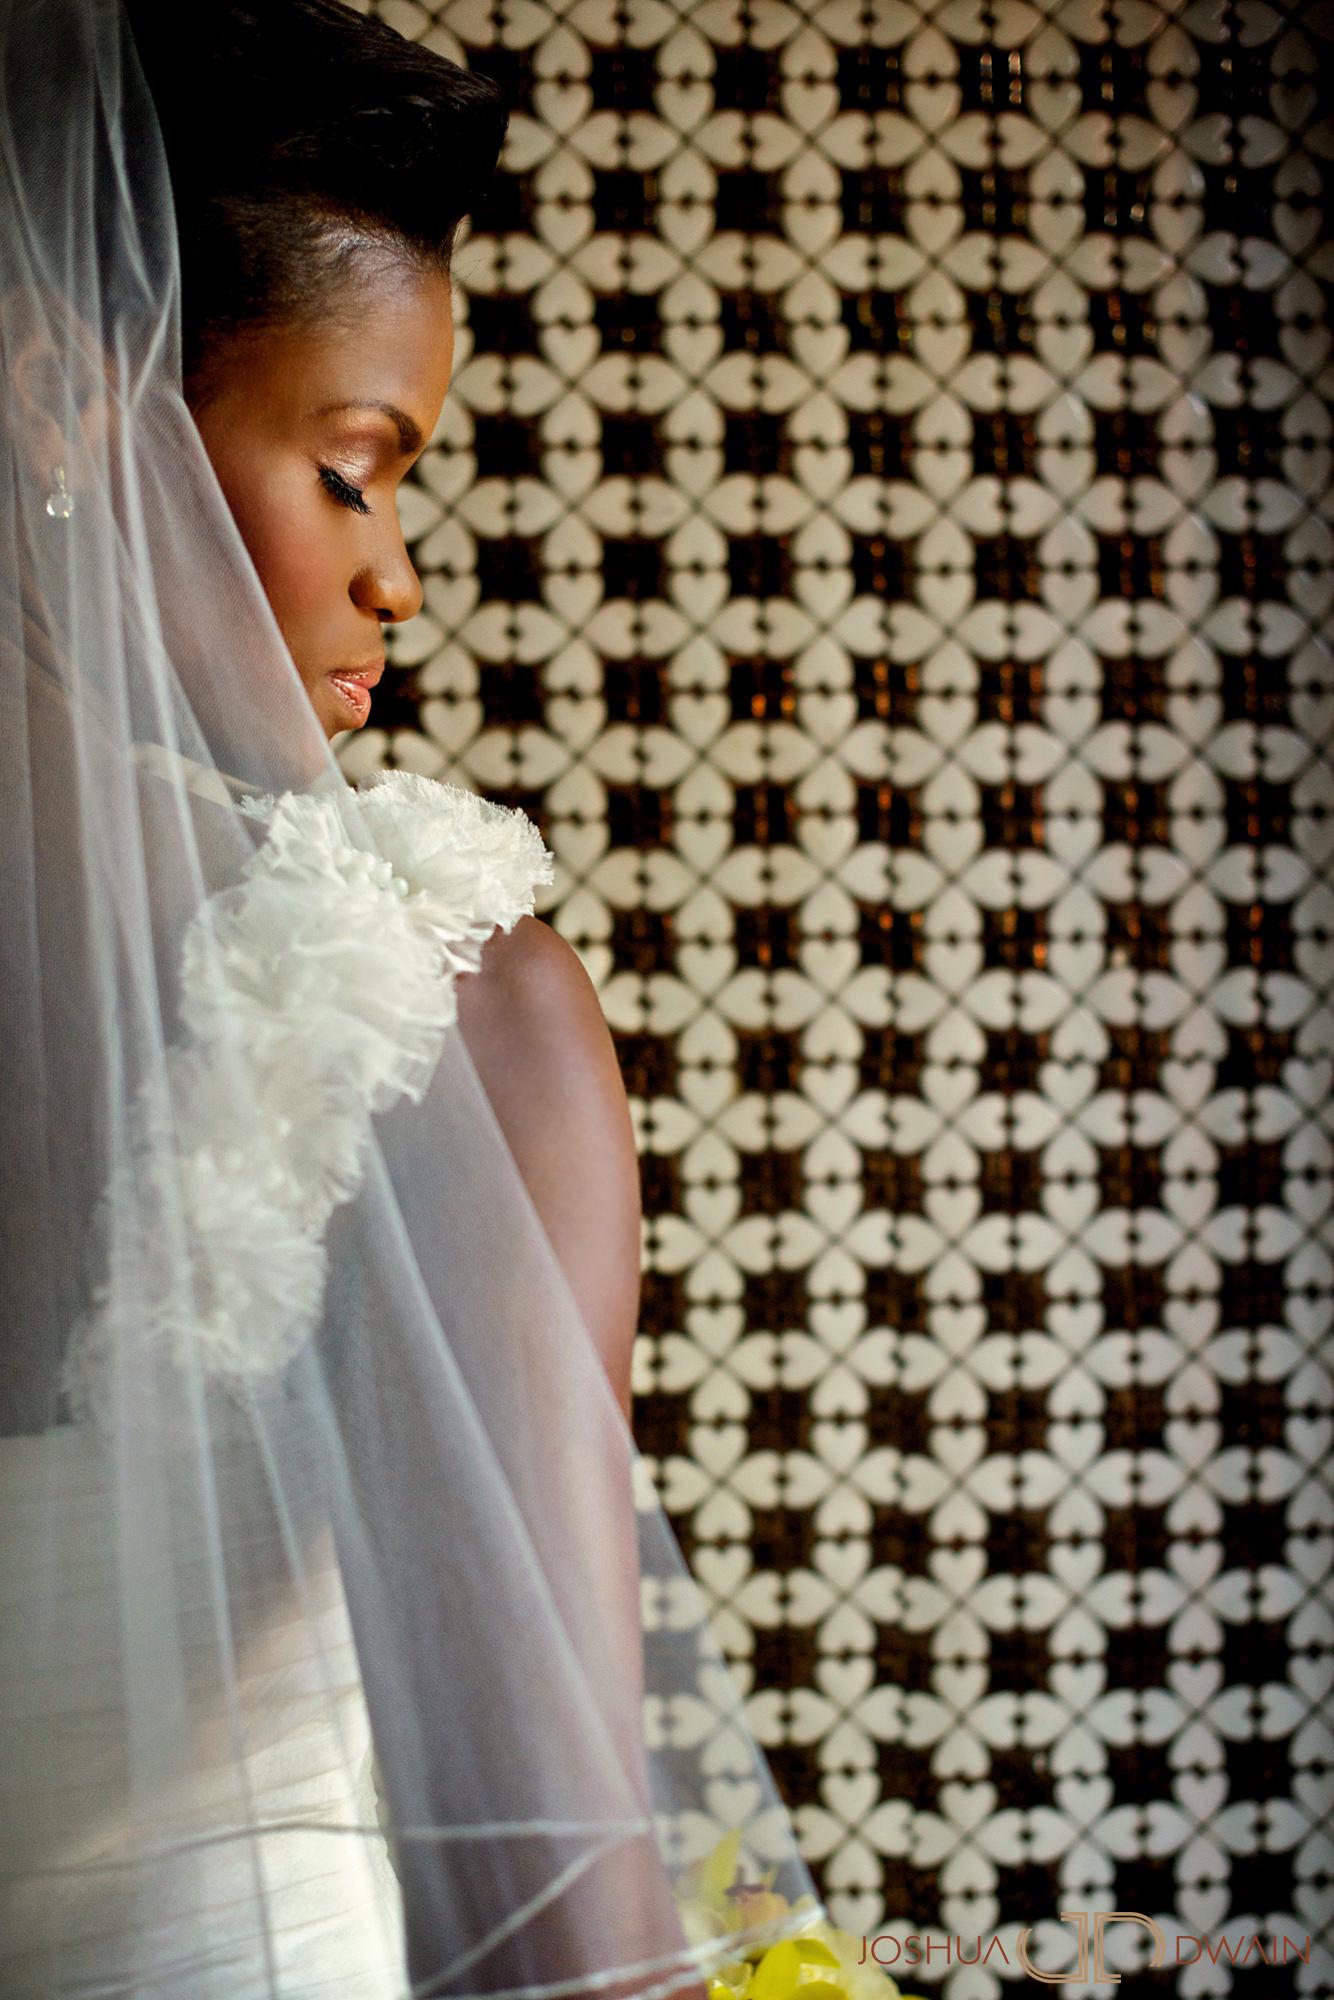 steiner studios wedding photographer josh